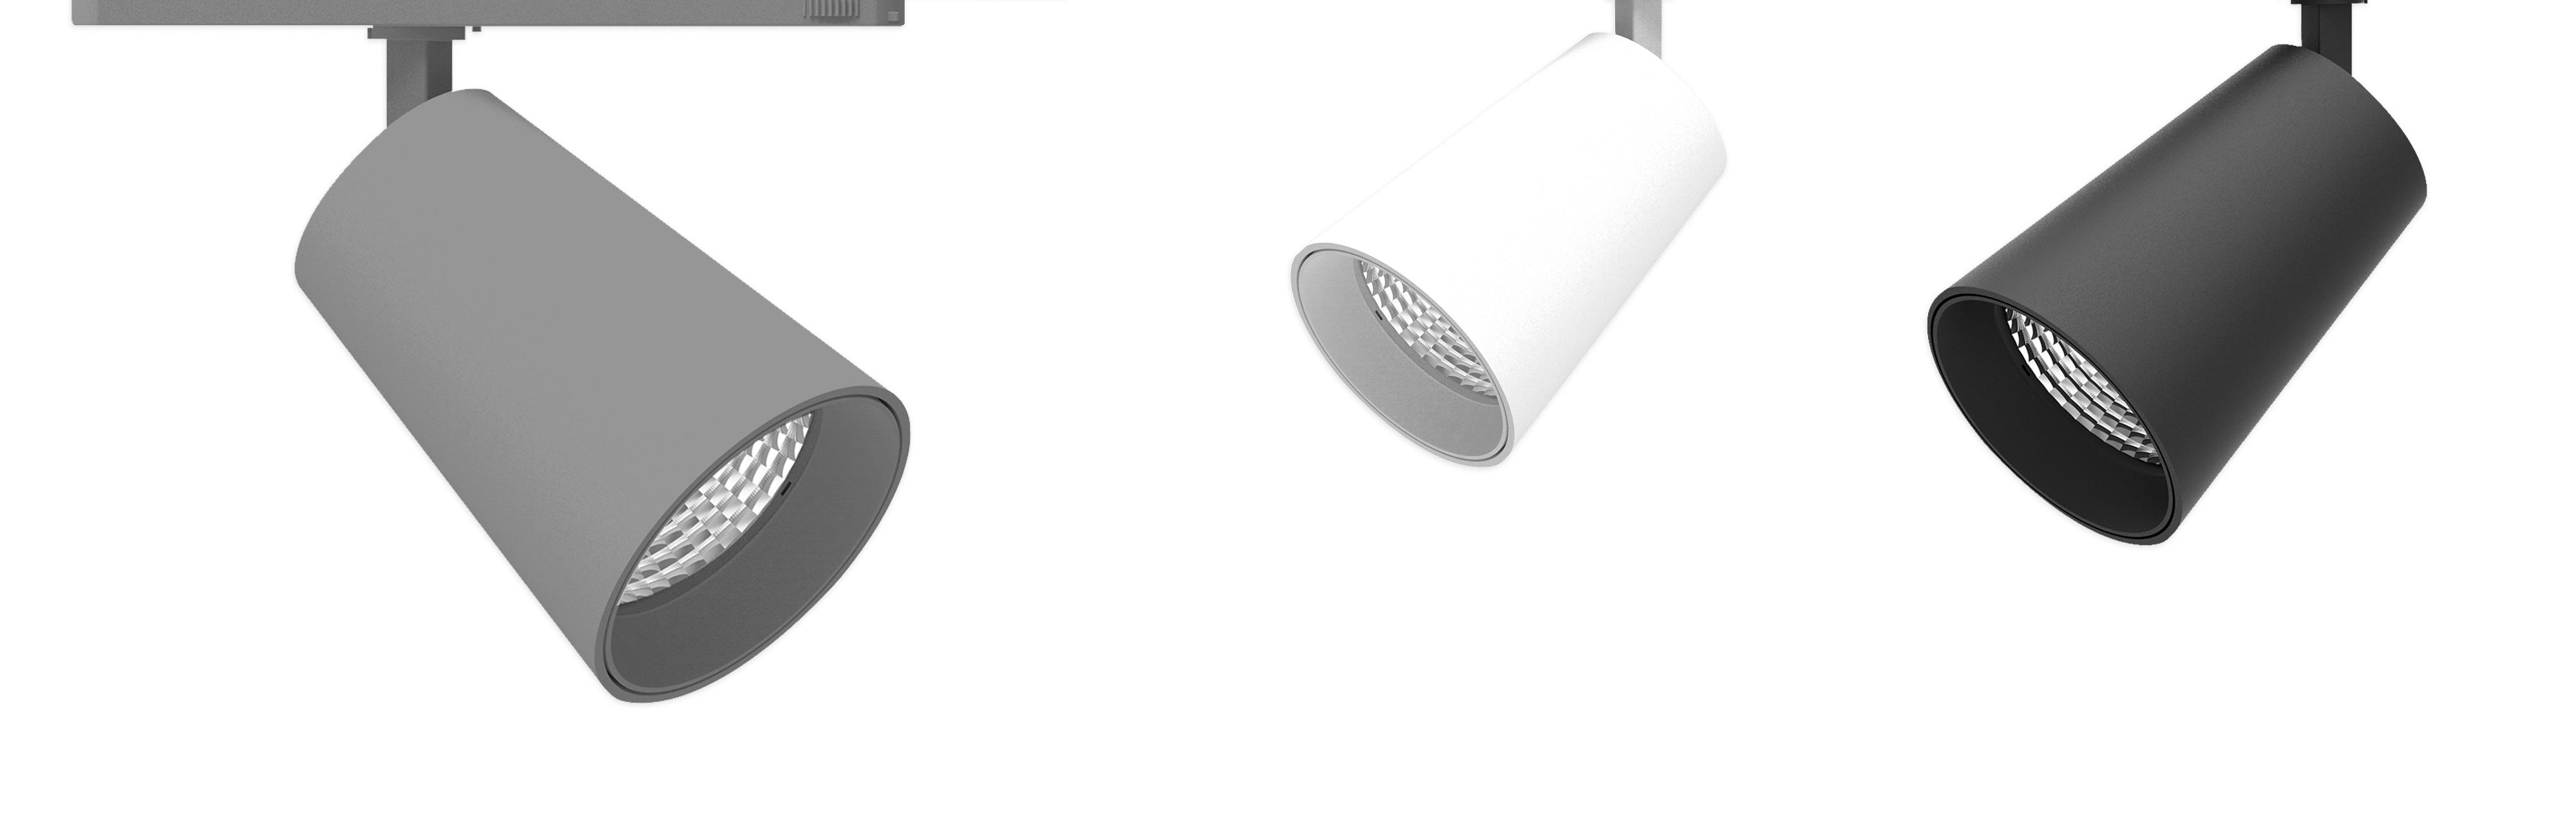 Tego spotlight INTEND, här i svart, för butiker och köpcentra. En av Tego System ABs många lösningar för belysning i dagligvaruhandel.